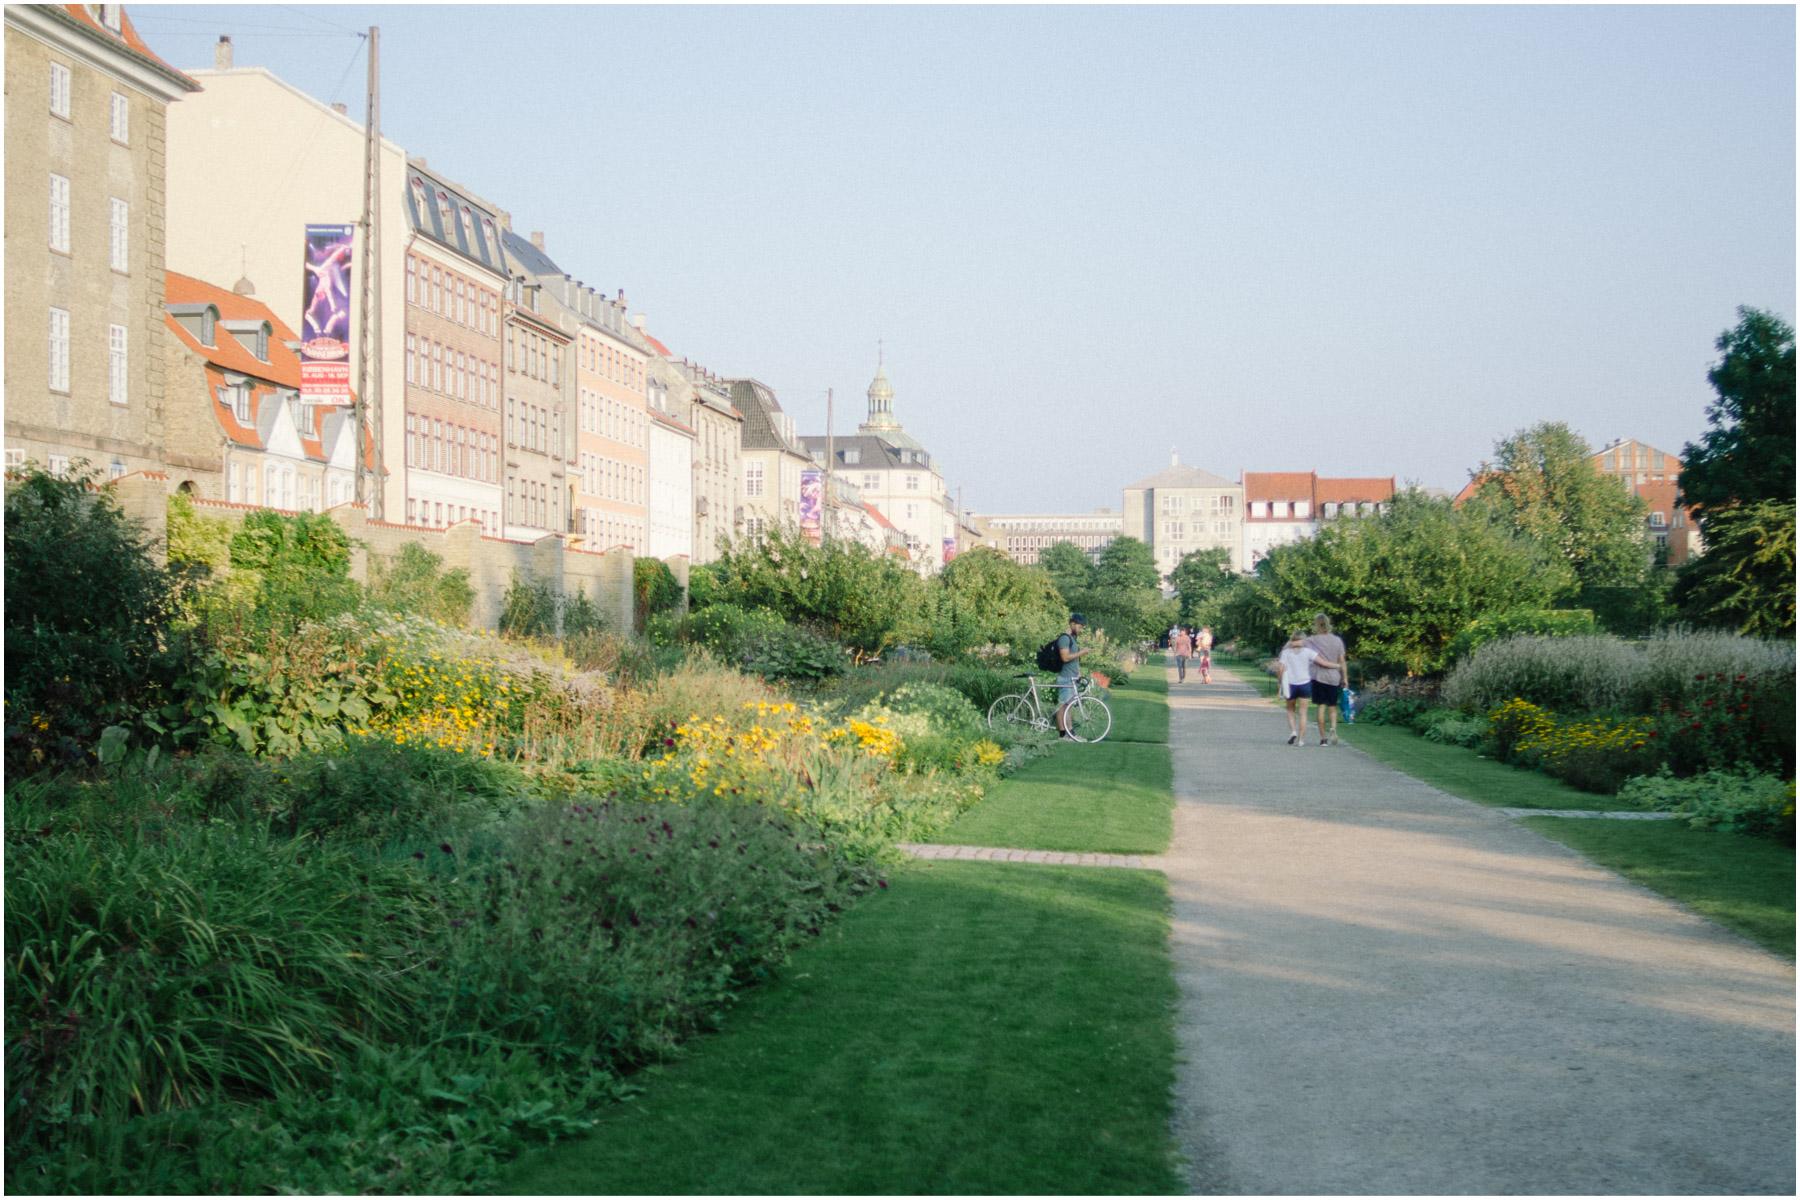 Rosenborg-Castle-and-The-Kings-Gardens_1.jpg